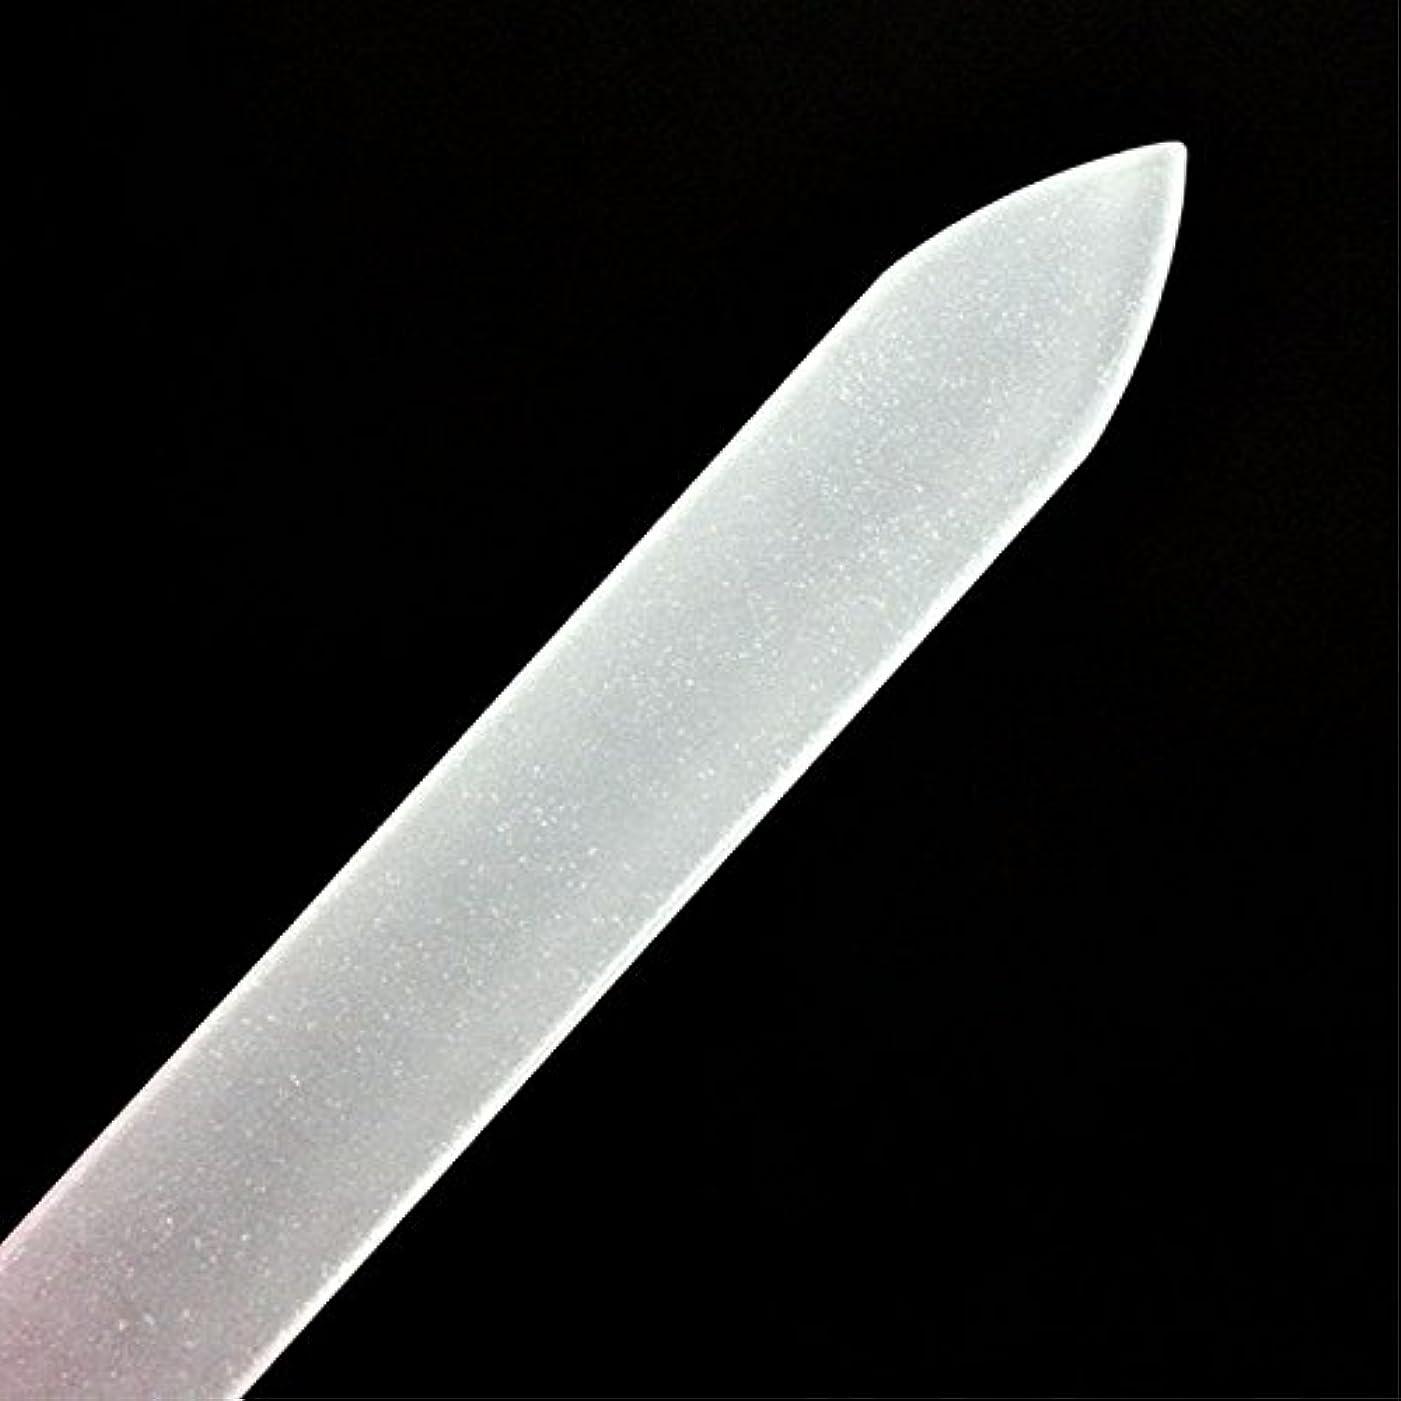 膨張する違反倫理爪磨き つめみがき ネイルケア 爪やすり 用品ガラス製爪ヤスリ ガラス製 ケース付 つめやすり甘皮 ケア